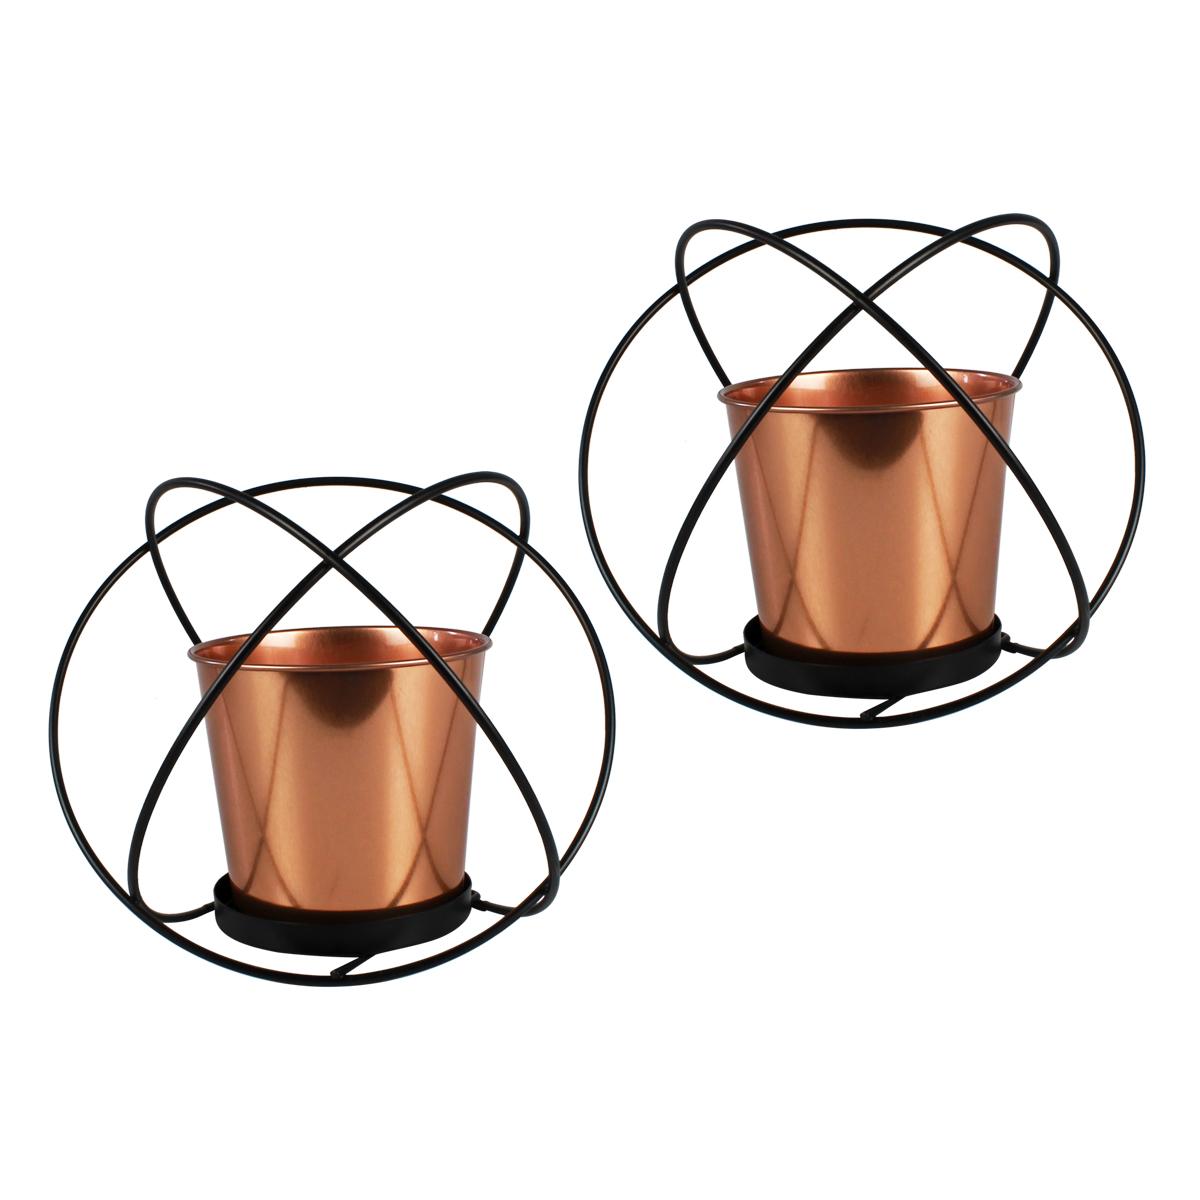 Conj. C/ 2 Vasos Decorativos Rose Gold + Suporte De Metal Verito